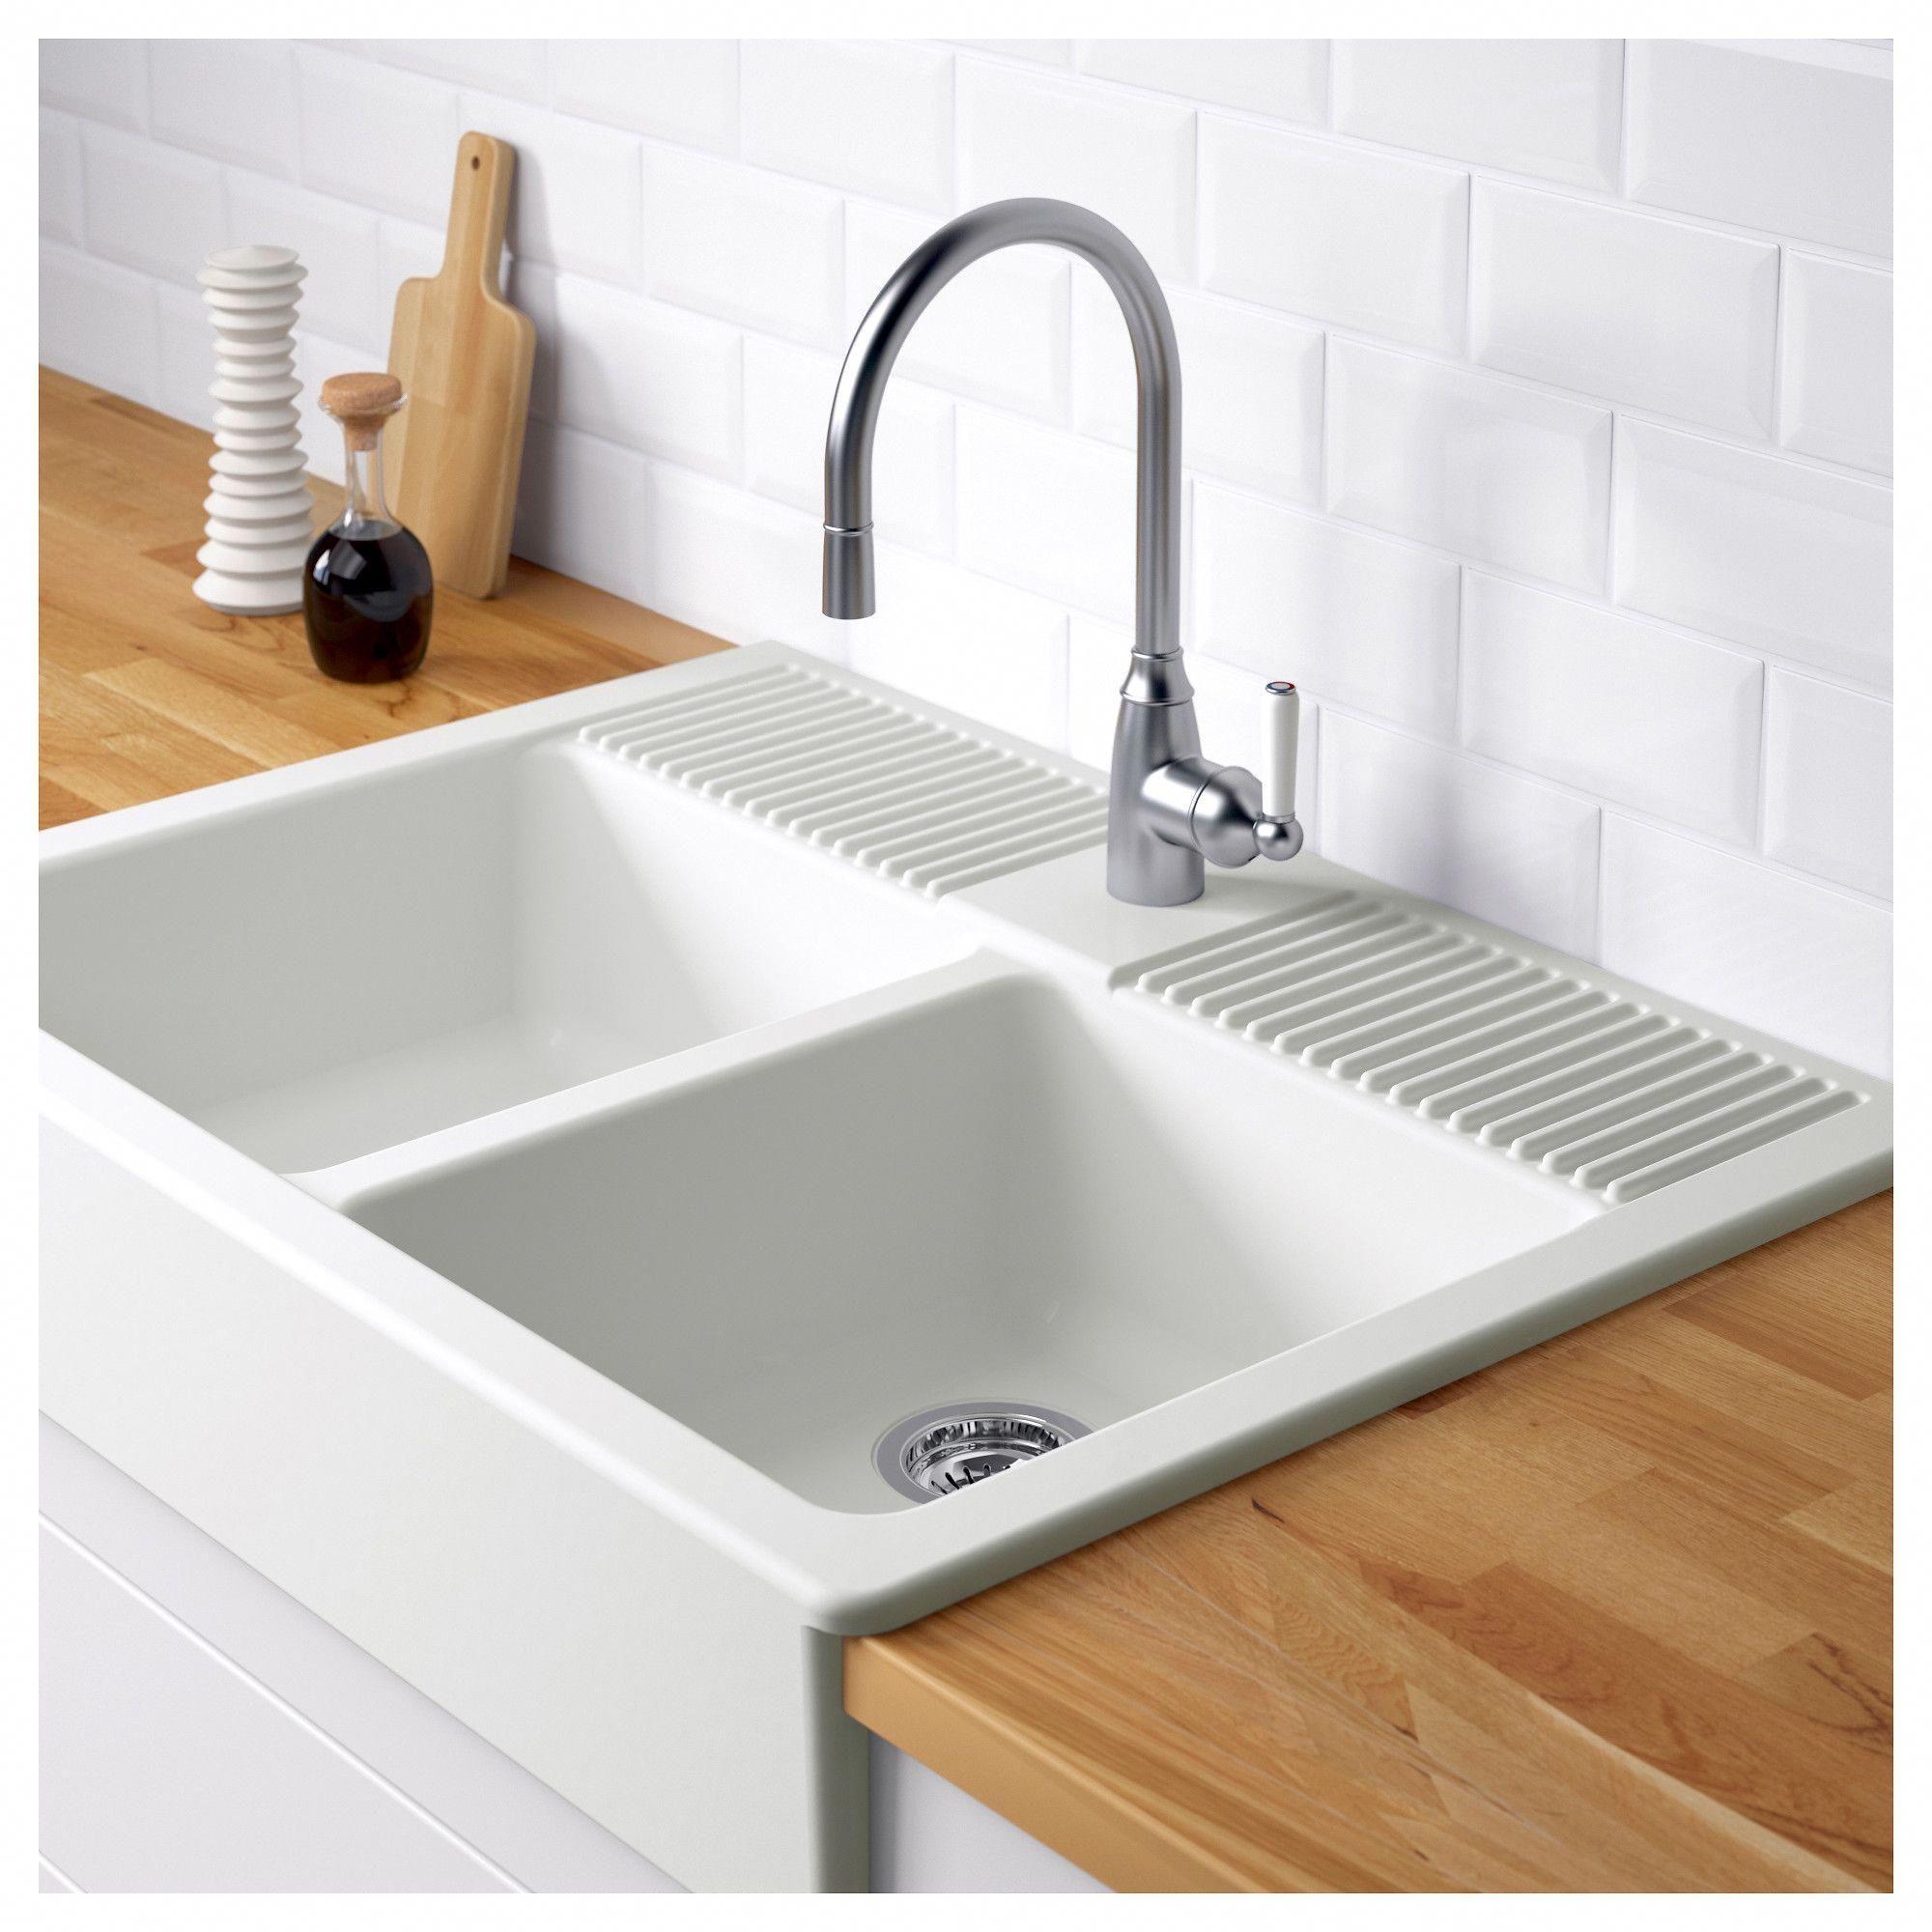 Ikea Kueche Waschbecken Keramik | Spülbecken Küche Keramik